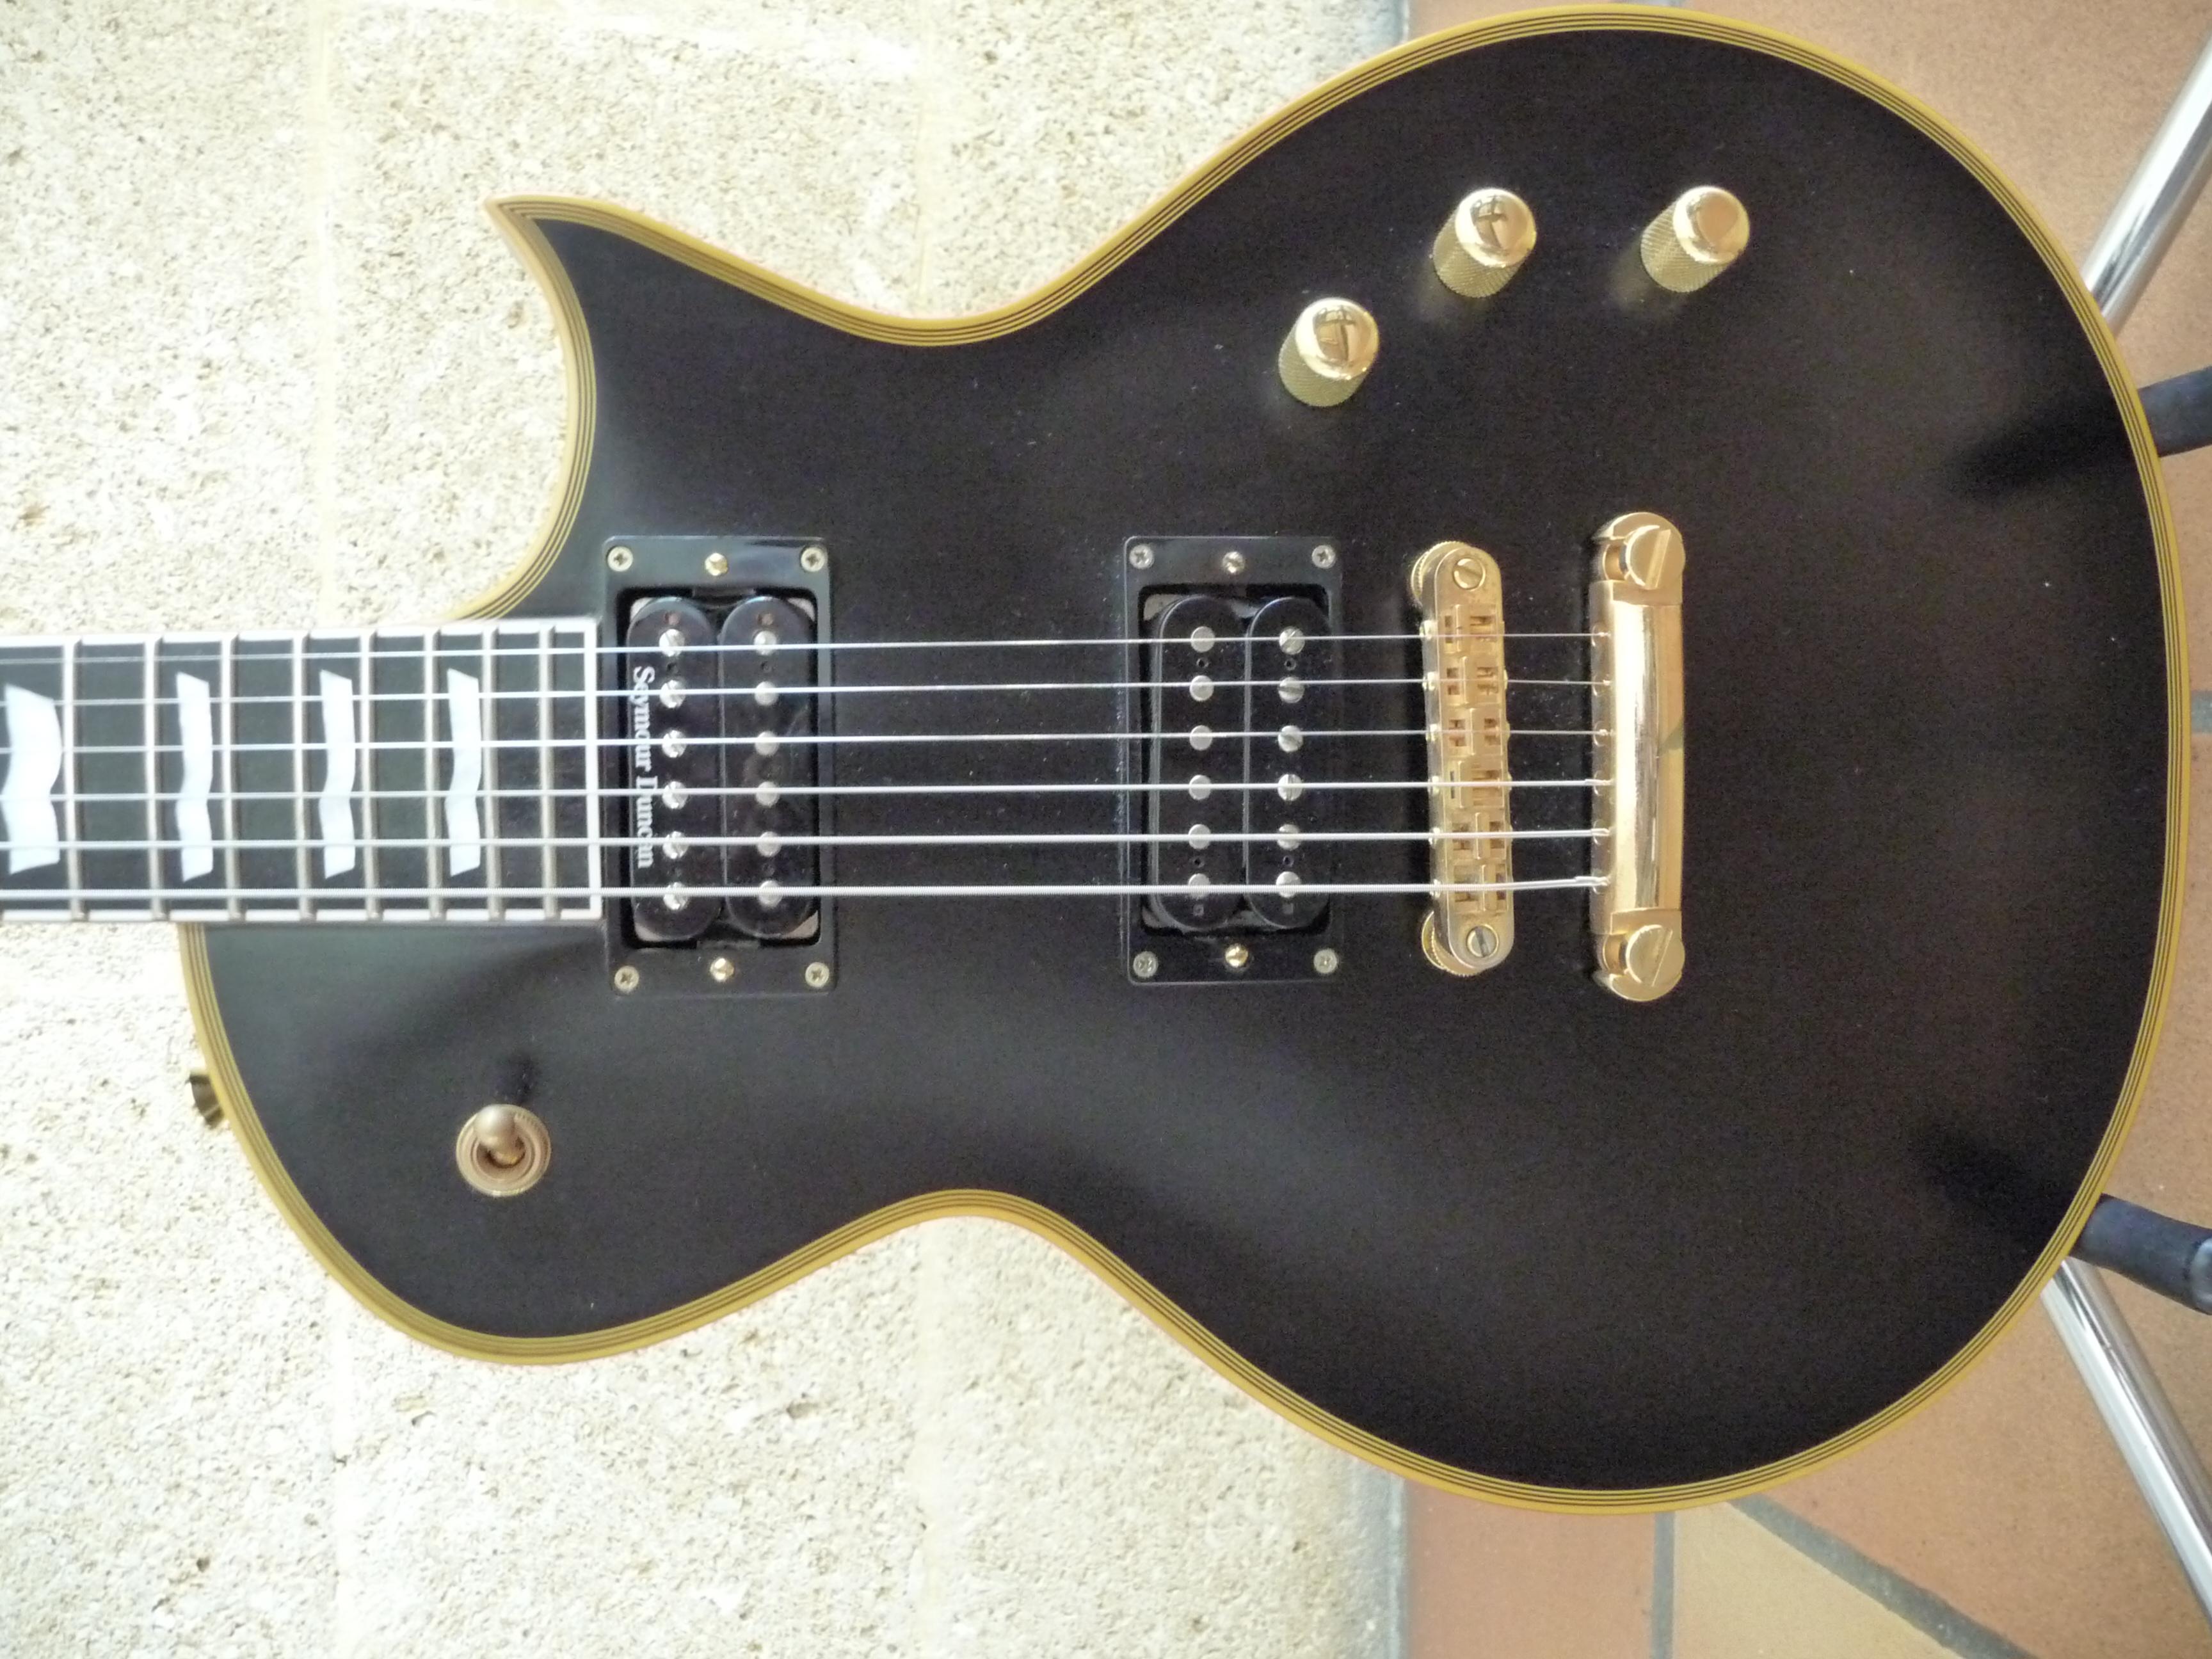 Guitarra Esp Eclipse - Guitarras en Mercado Libre Chile